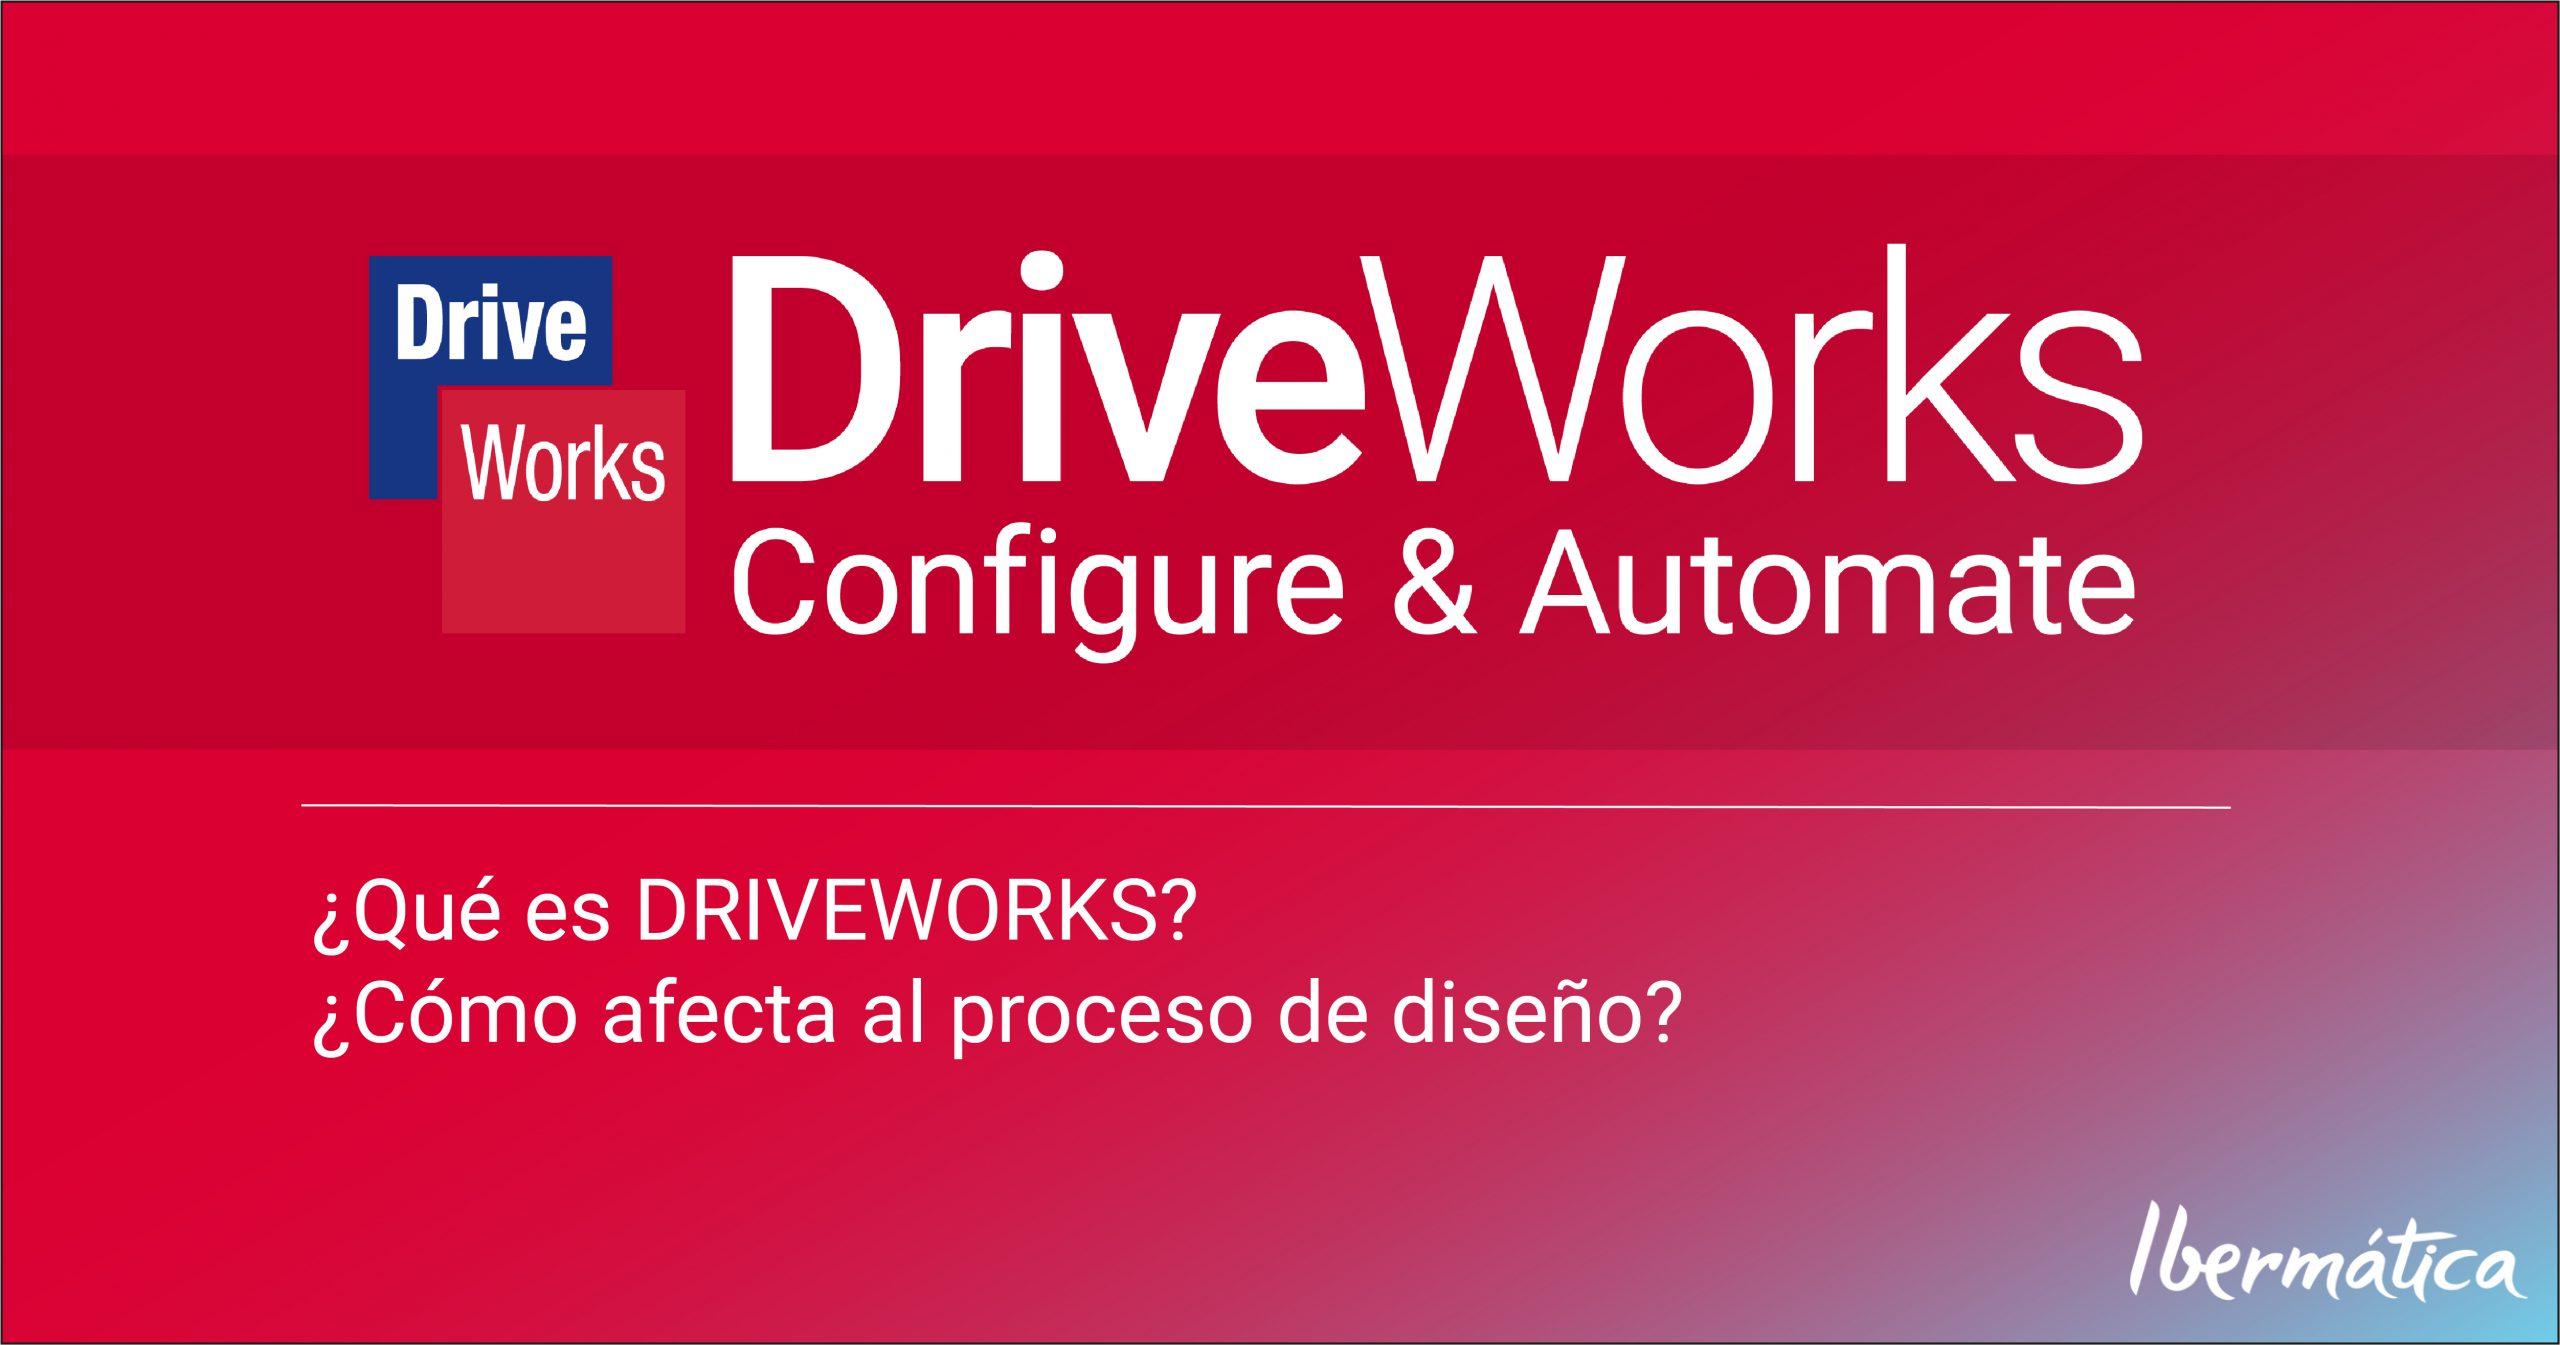 ¿Qué es DRIVEWORKS? ¿Cómo afecta al proceso de diseño?